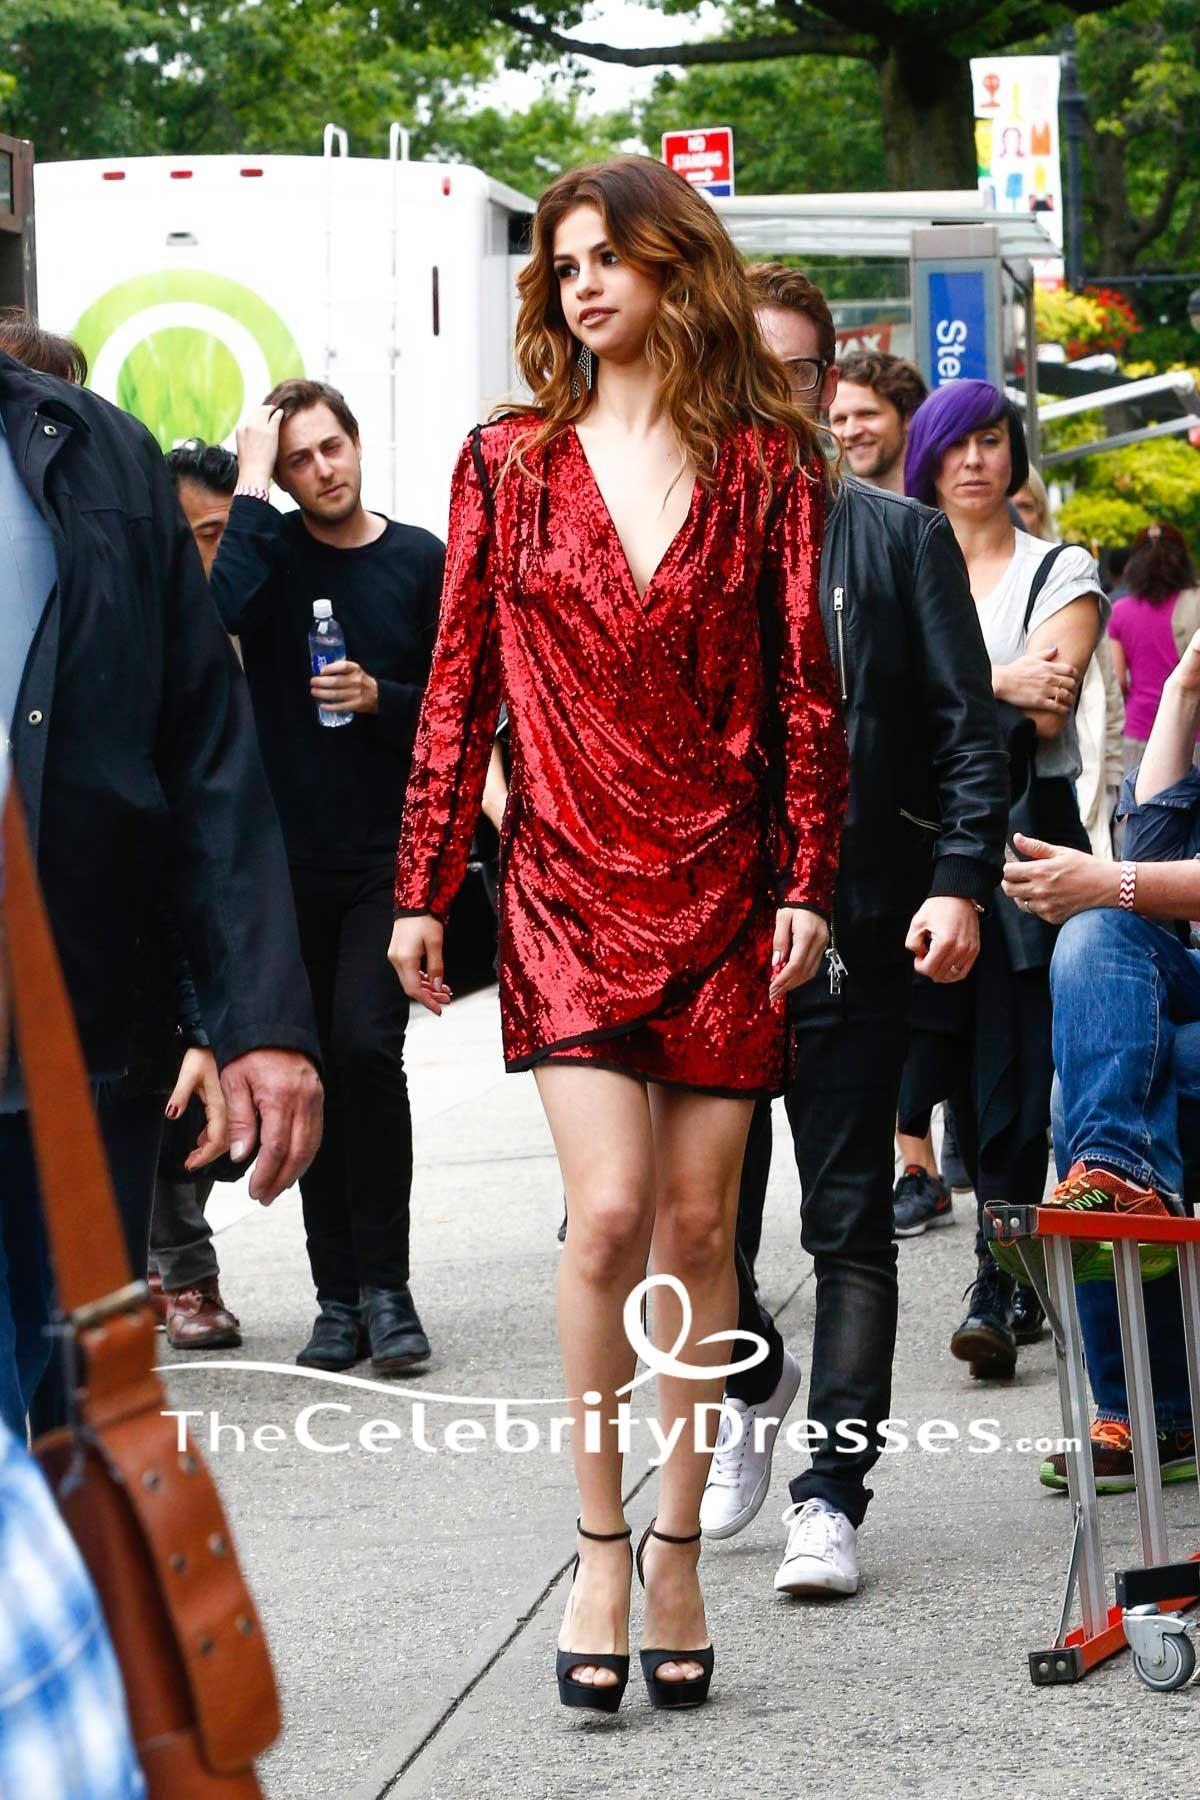 773896f49ce Selena Gomez Bourgogne Paillettes Wrap Robe de cocktail à manches longues  2016 New York - TheCelebrityDresses